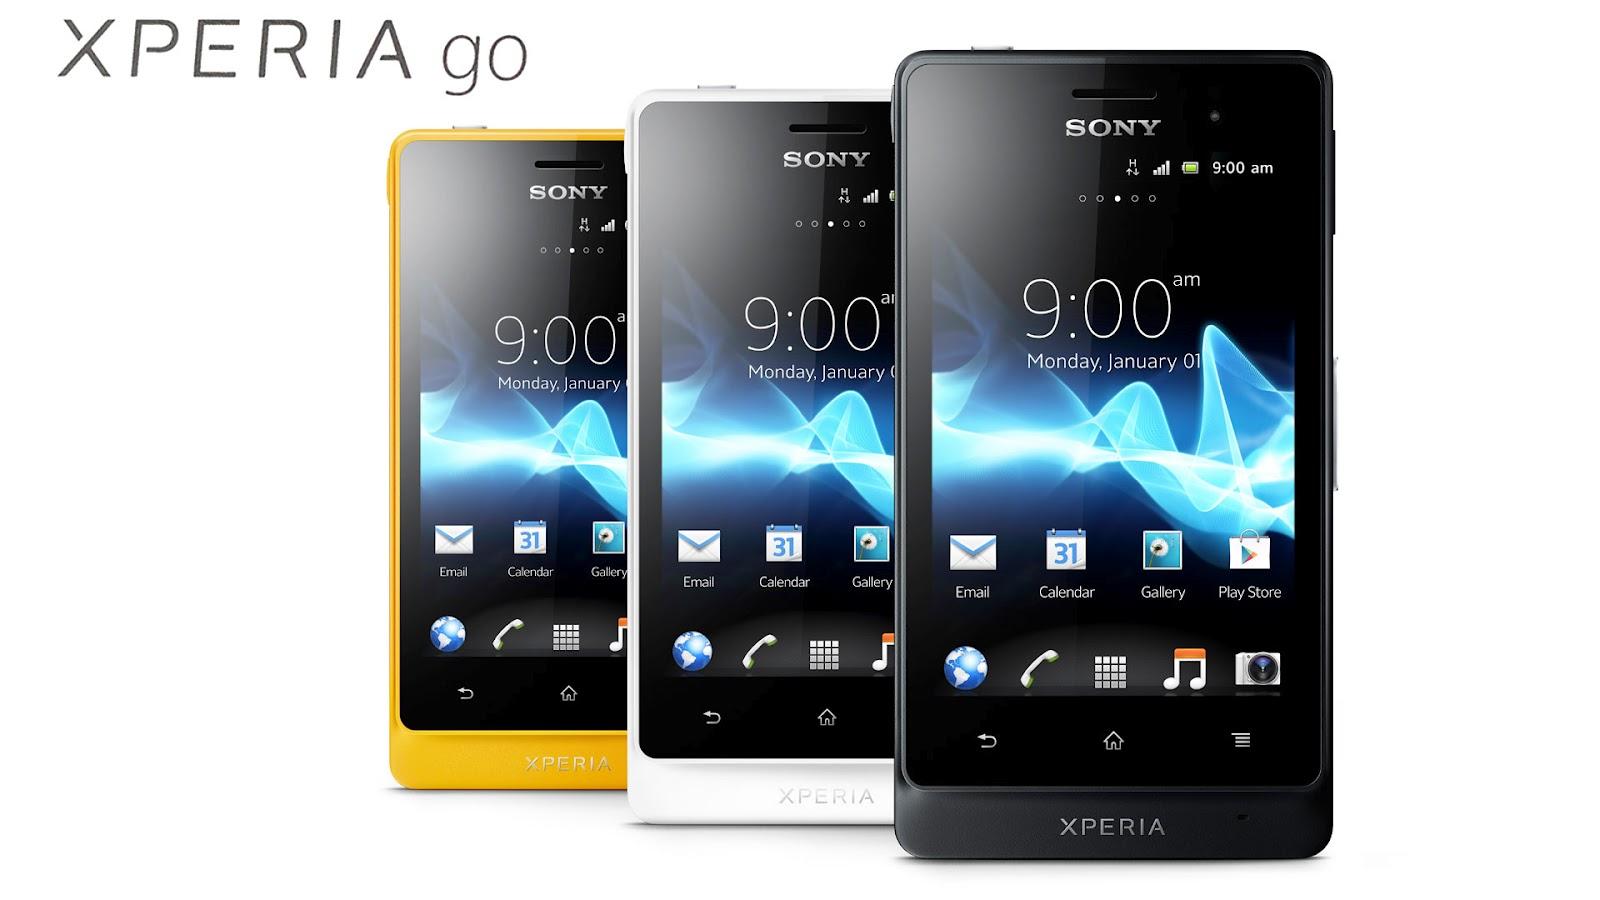 http://4.bp.blogspot.com/-2v7uNvbOR8Y/UCKf77urpMI/AAAAAAAAFK8/iBSEiIMEtH8/s1600/Sony+Xperia+Go5.jpg